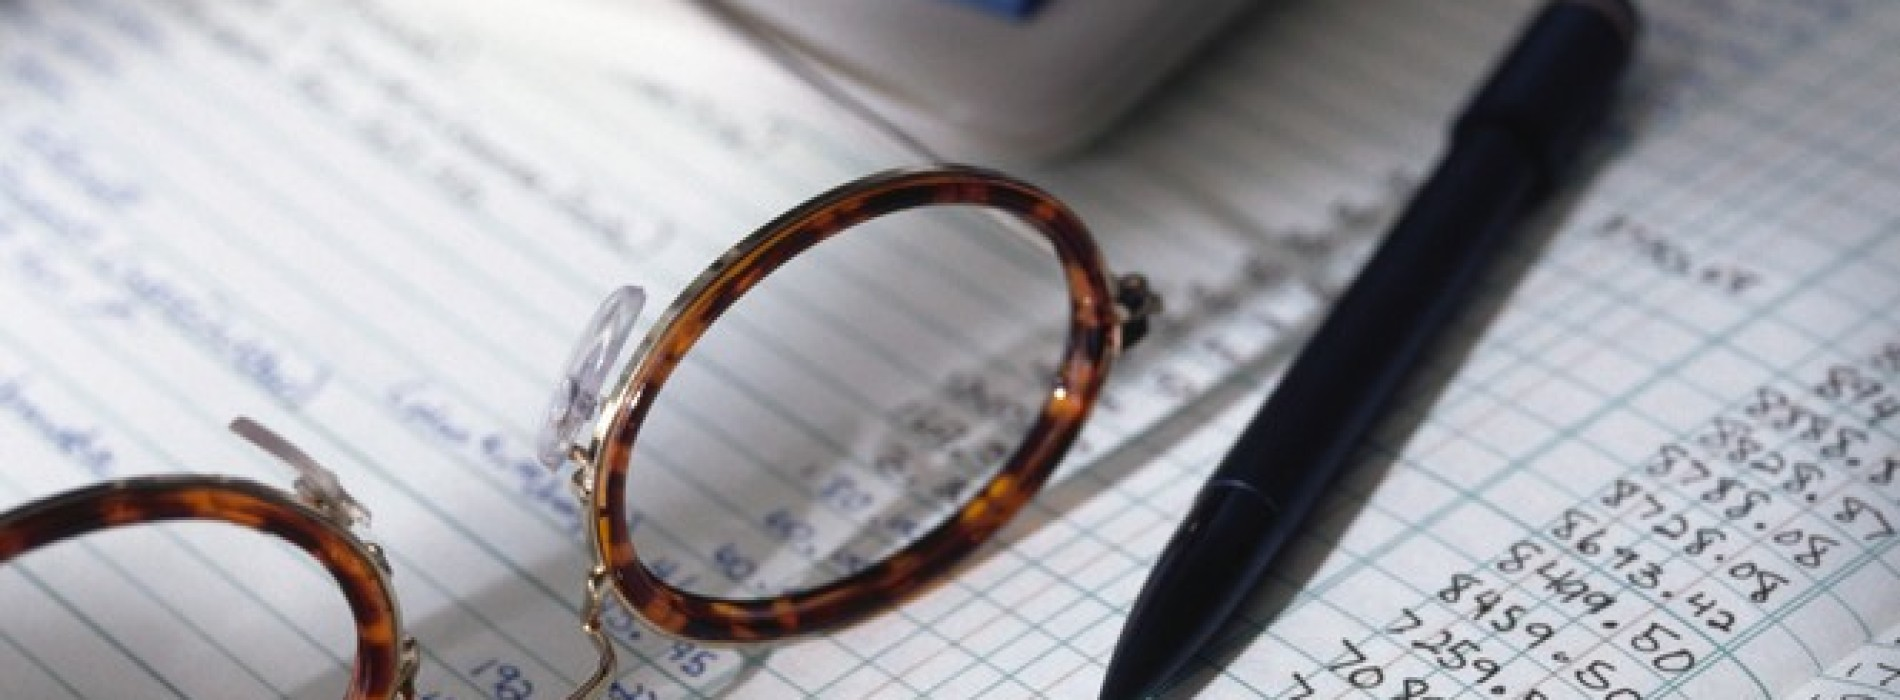 Jak prawidłowo obliczyć zaliczkę na podatek dochodowy i składki na ubezpieczenia społeczne własnego pracownika, z którym zawarta została dodatkowo umowa zlecenie?